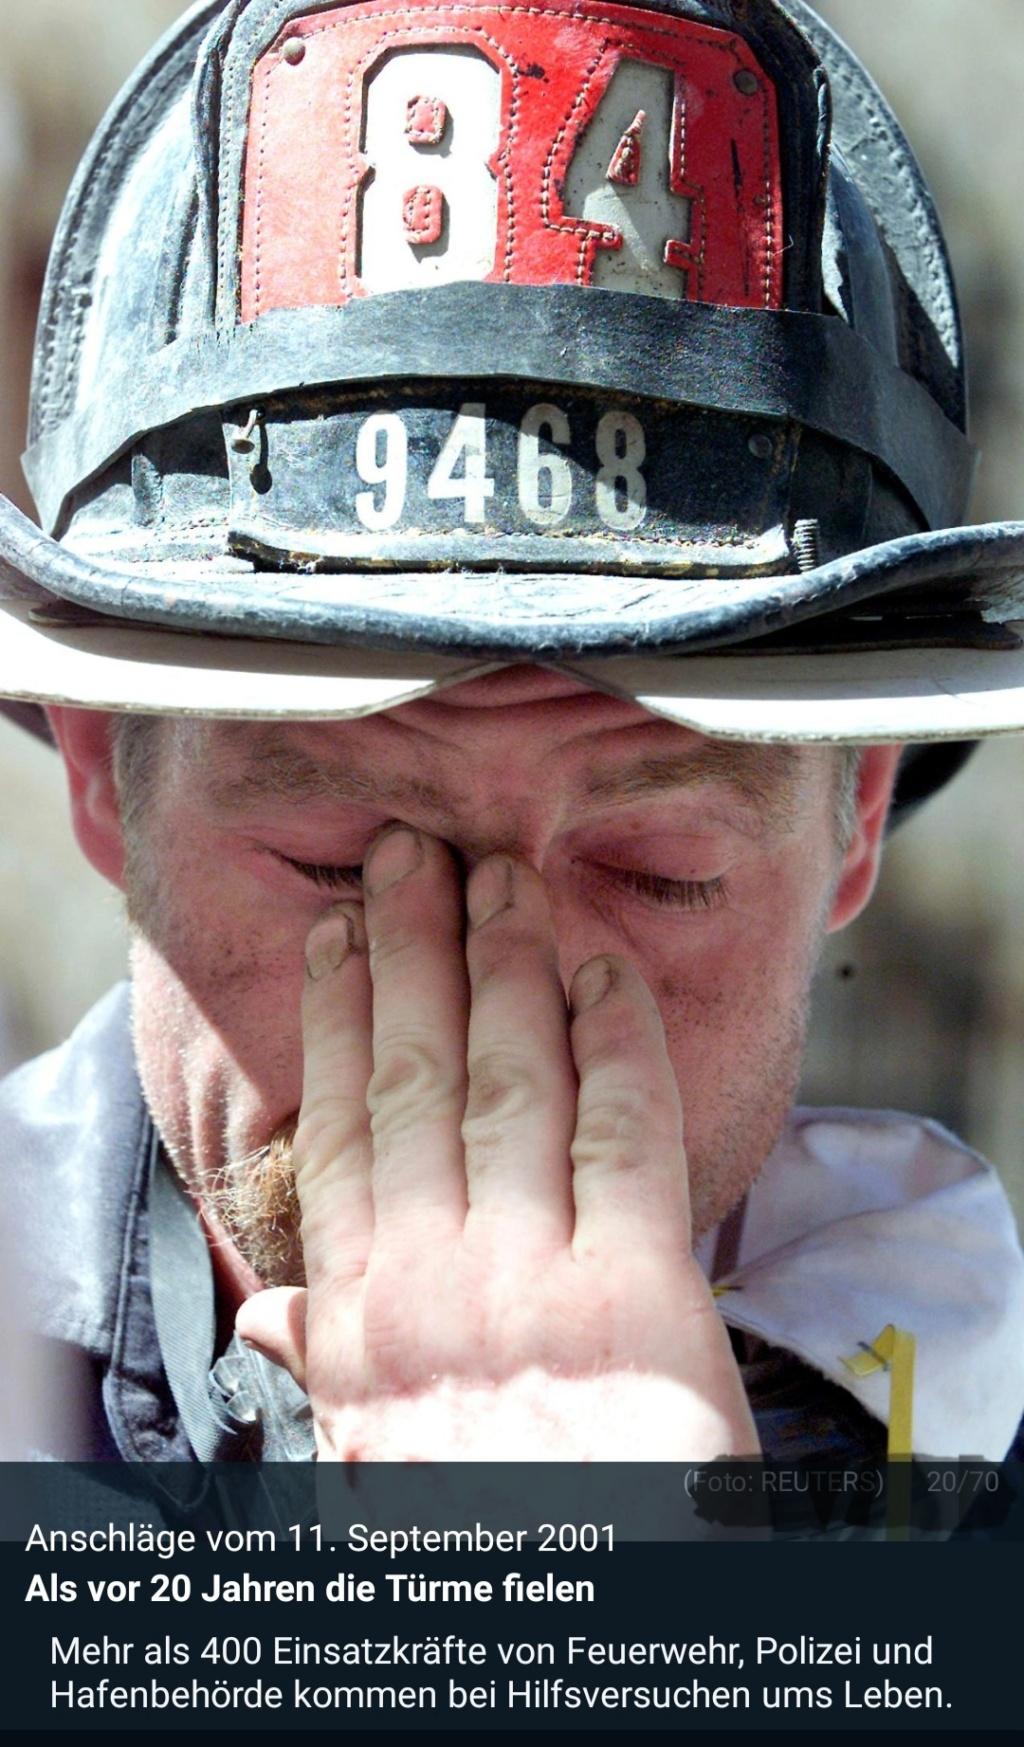 Link: Die Boots-Helden von 9/11 2021-102